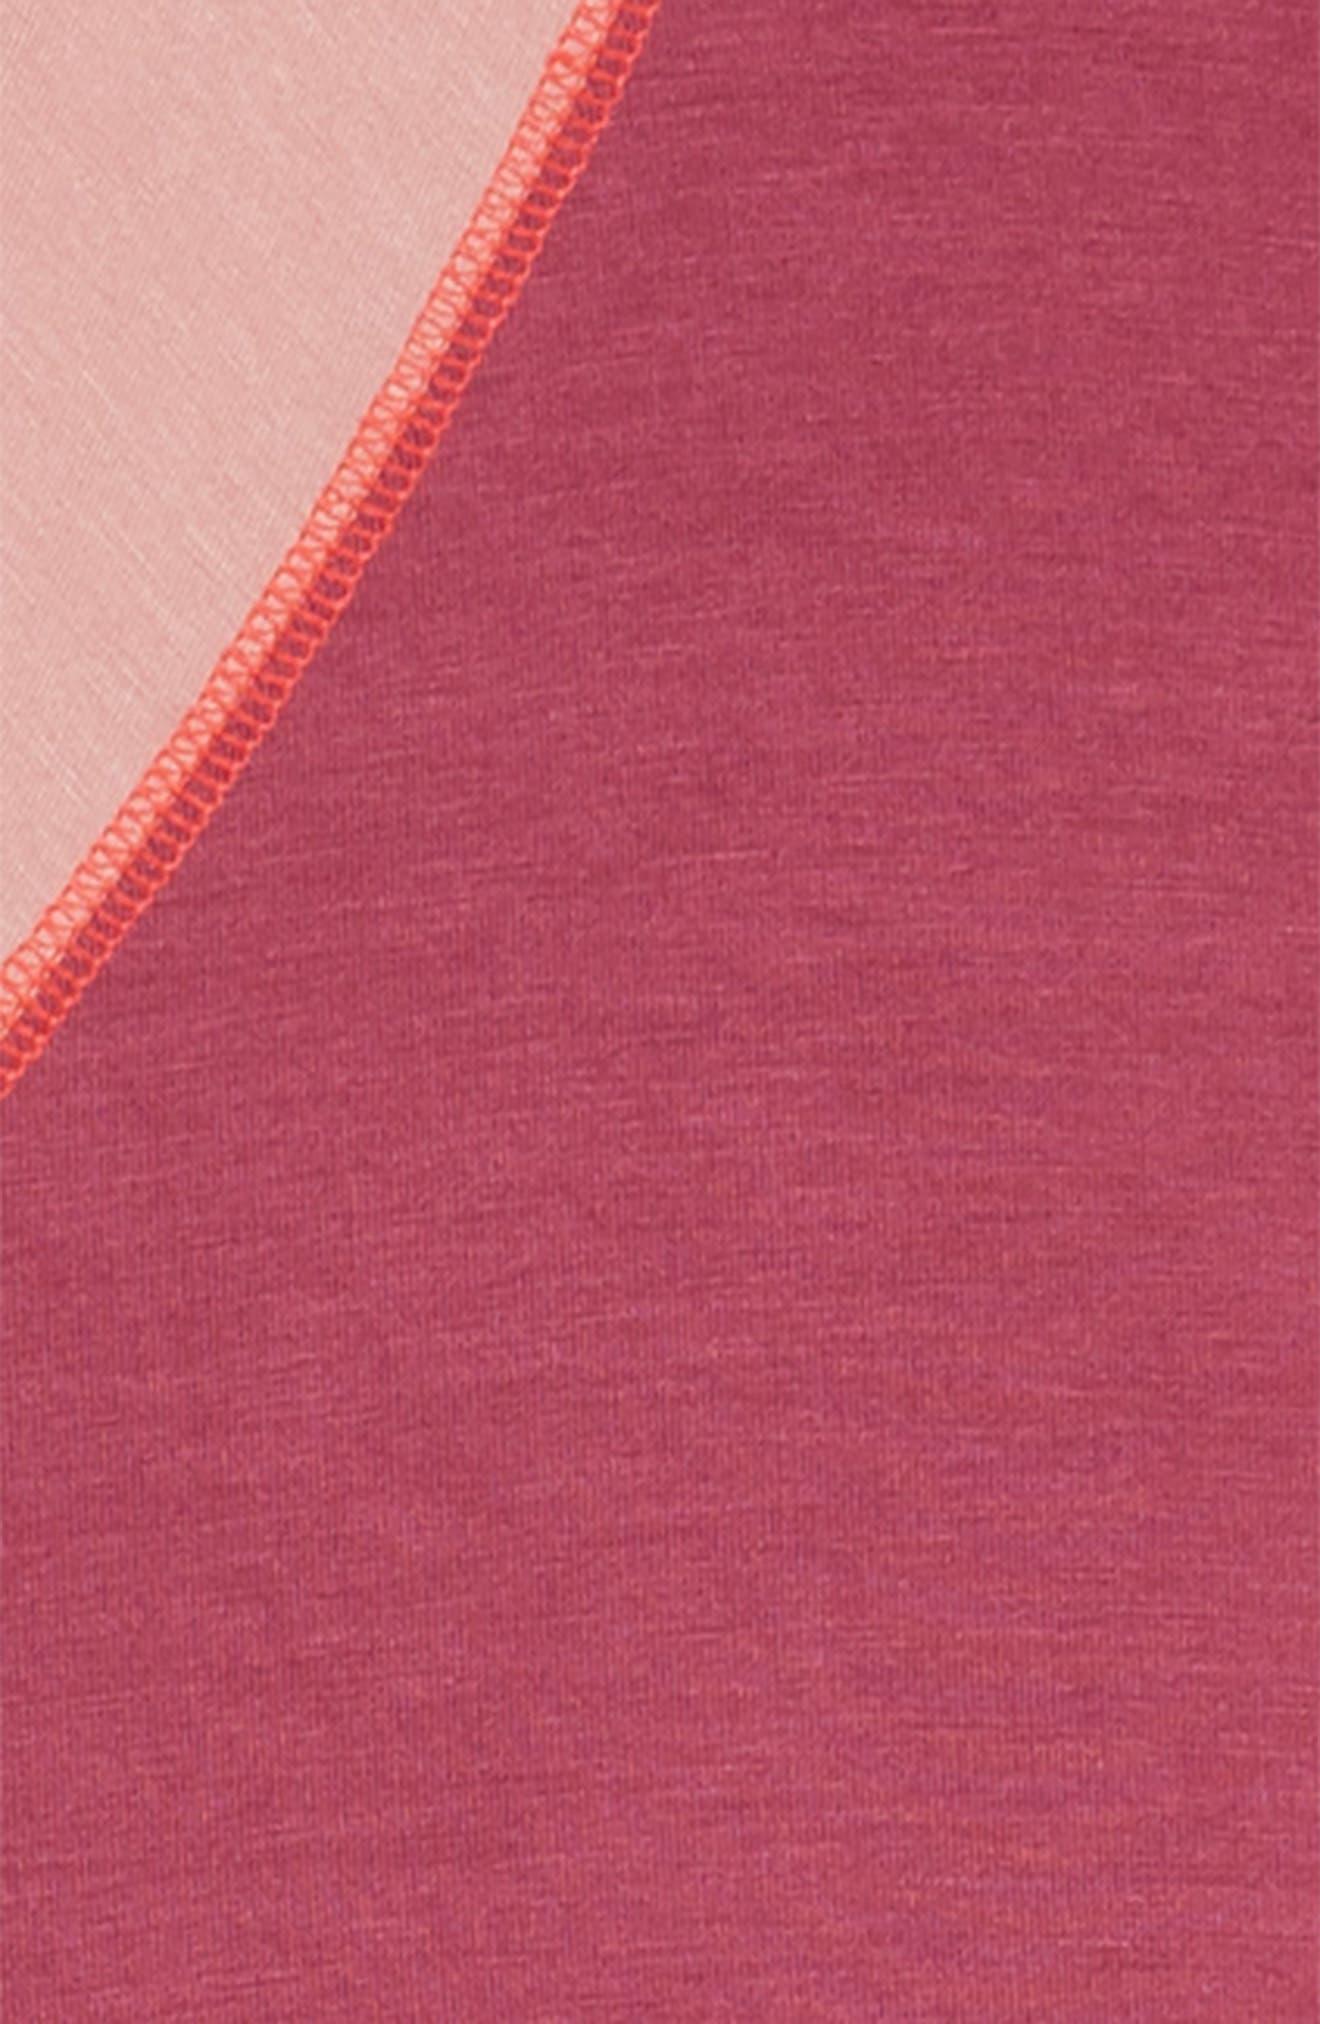 Cold Shoulder Dress,                             Alternate thumbnail 3, color,                             Magenta Pink